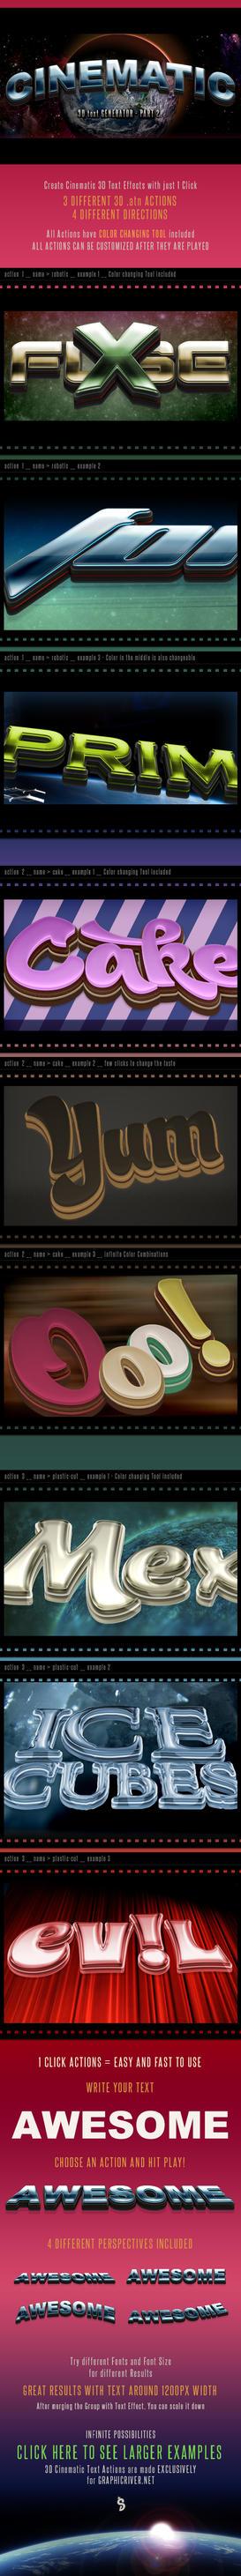 3D Cinematic Text Actions for Photoshop - Part 2 by survivorcz